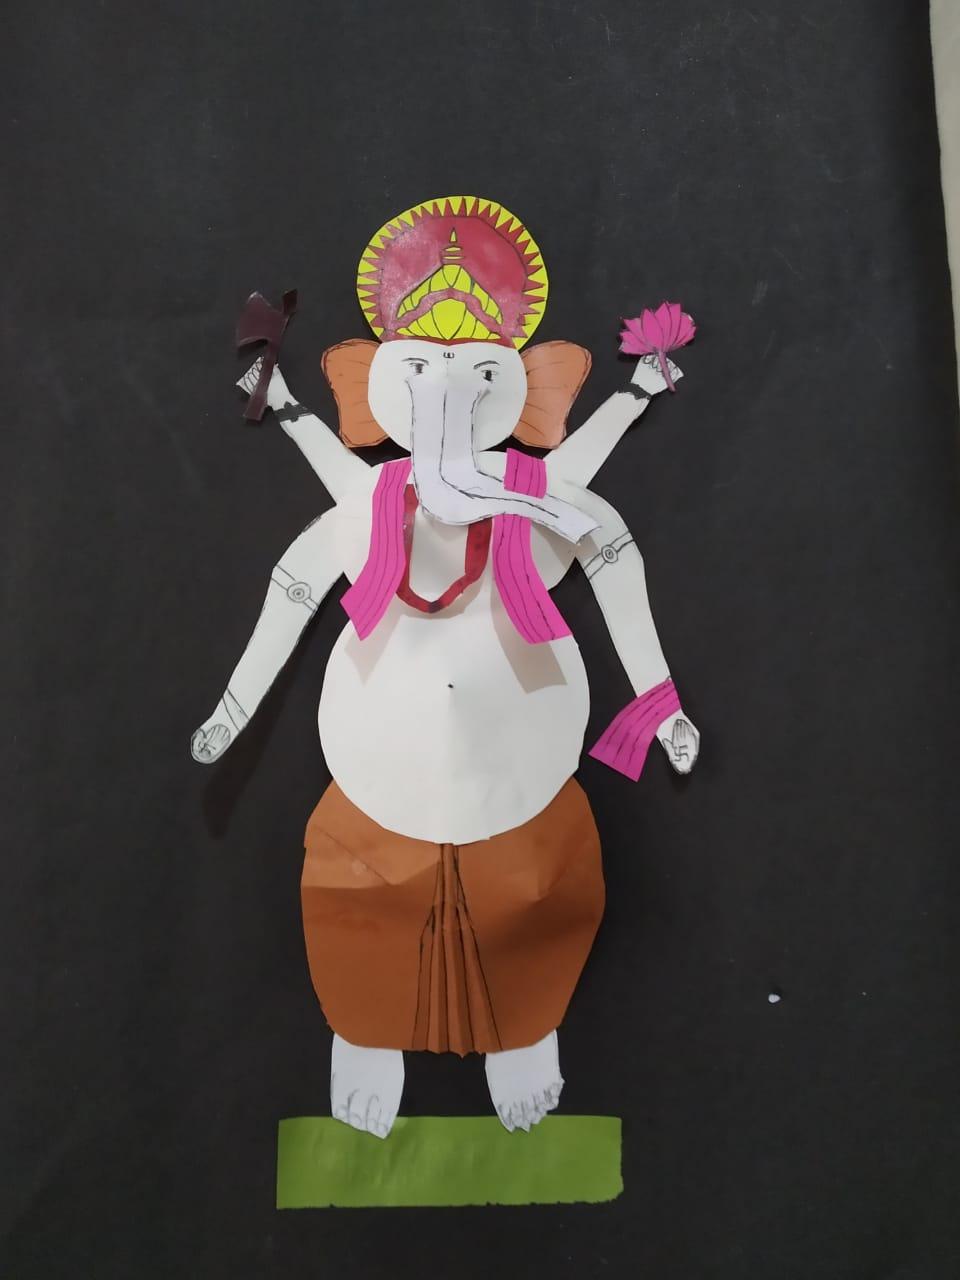 Shivam Ghorpade V B